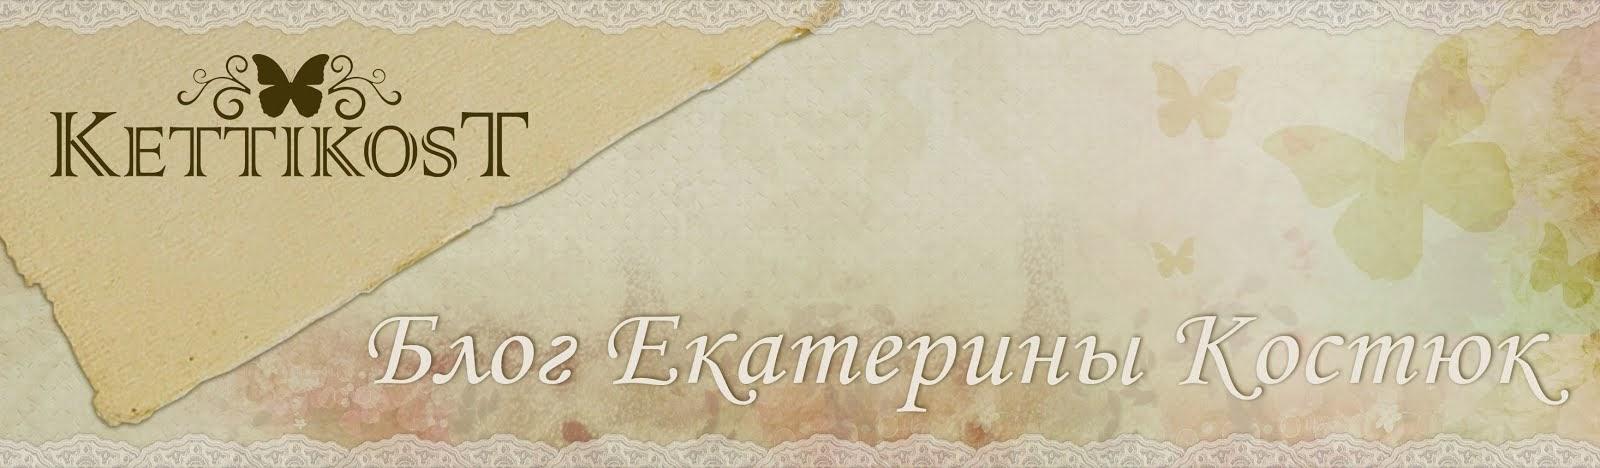 блог Екатерины Костюк